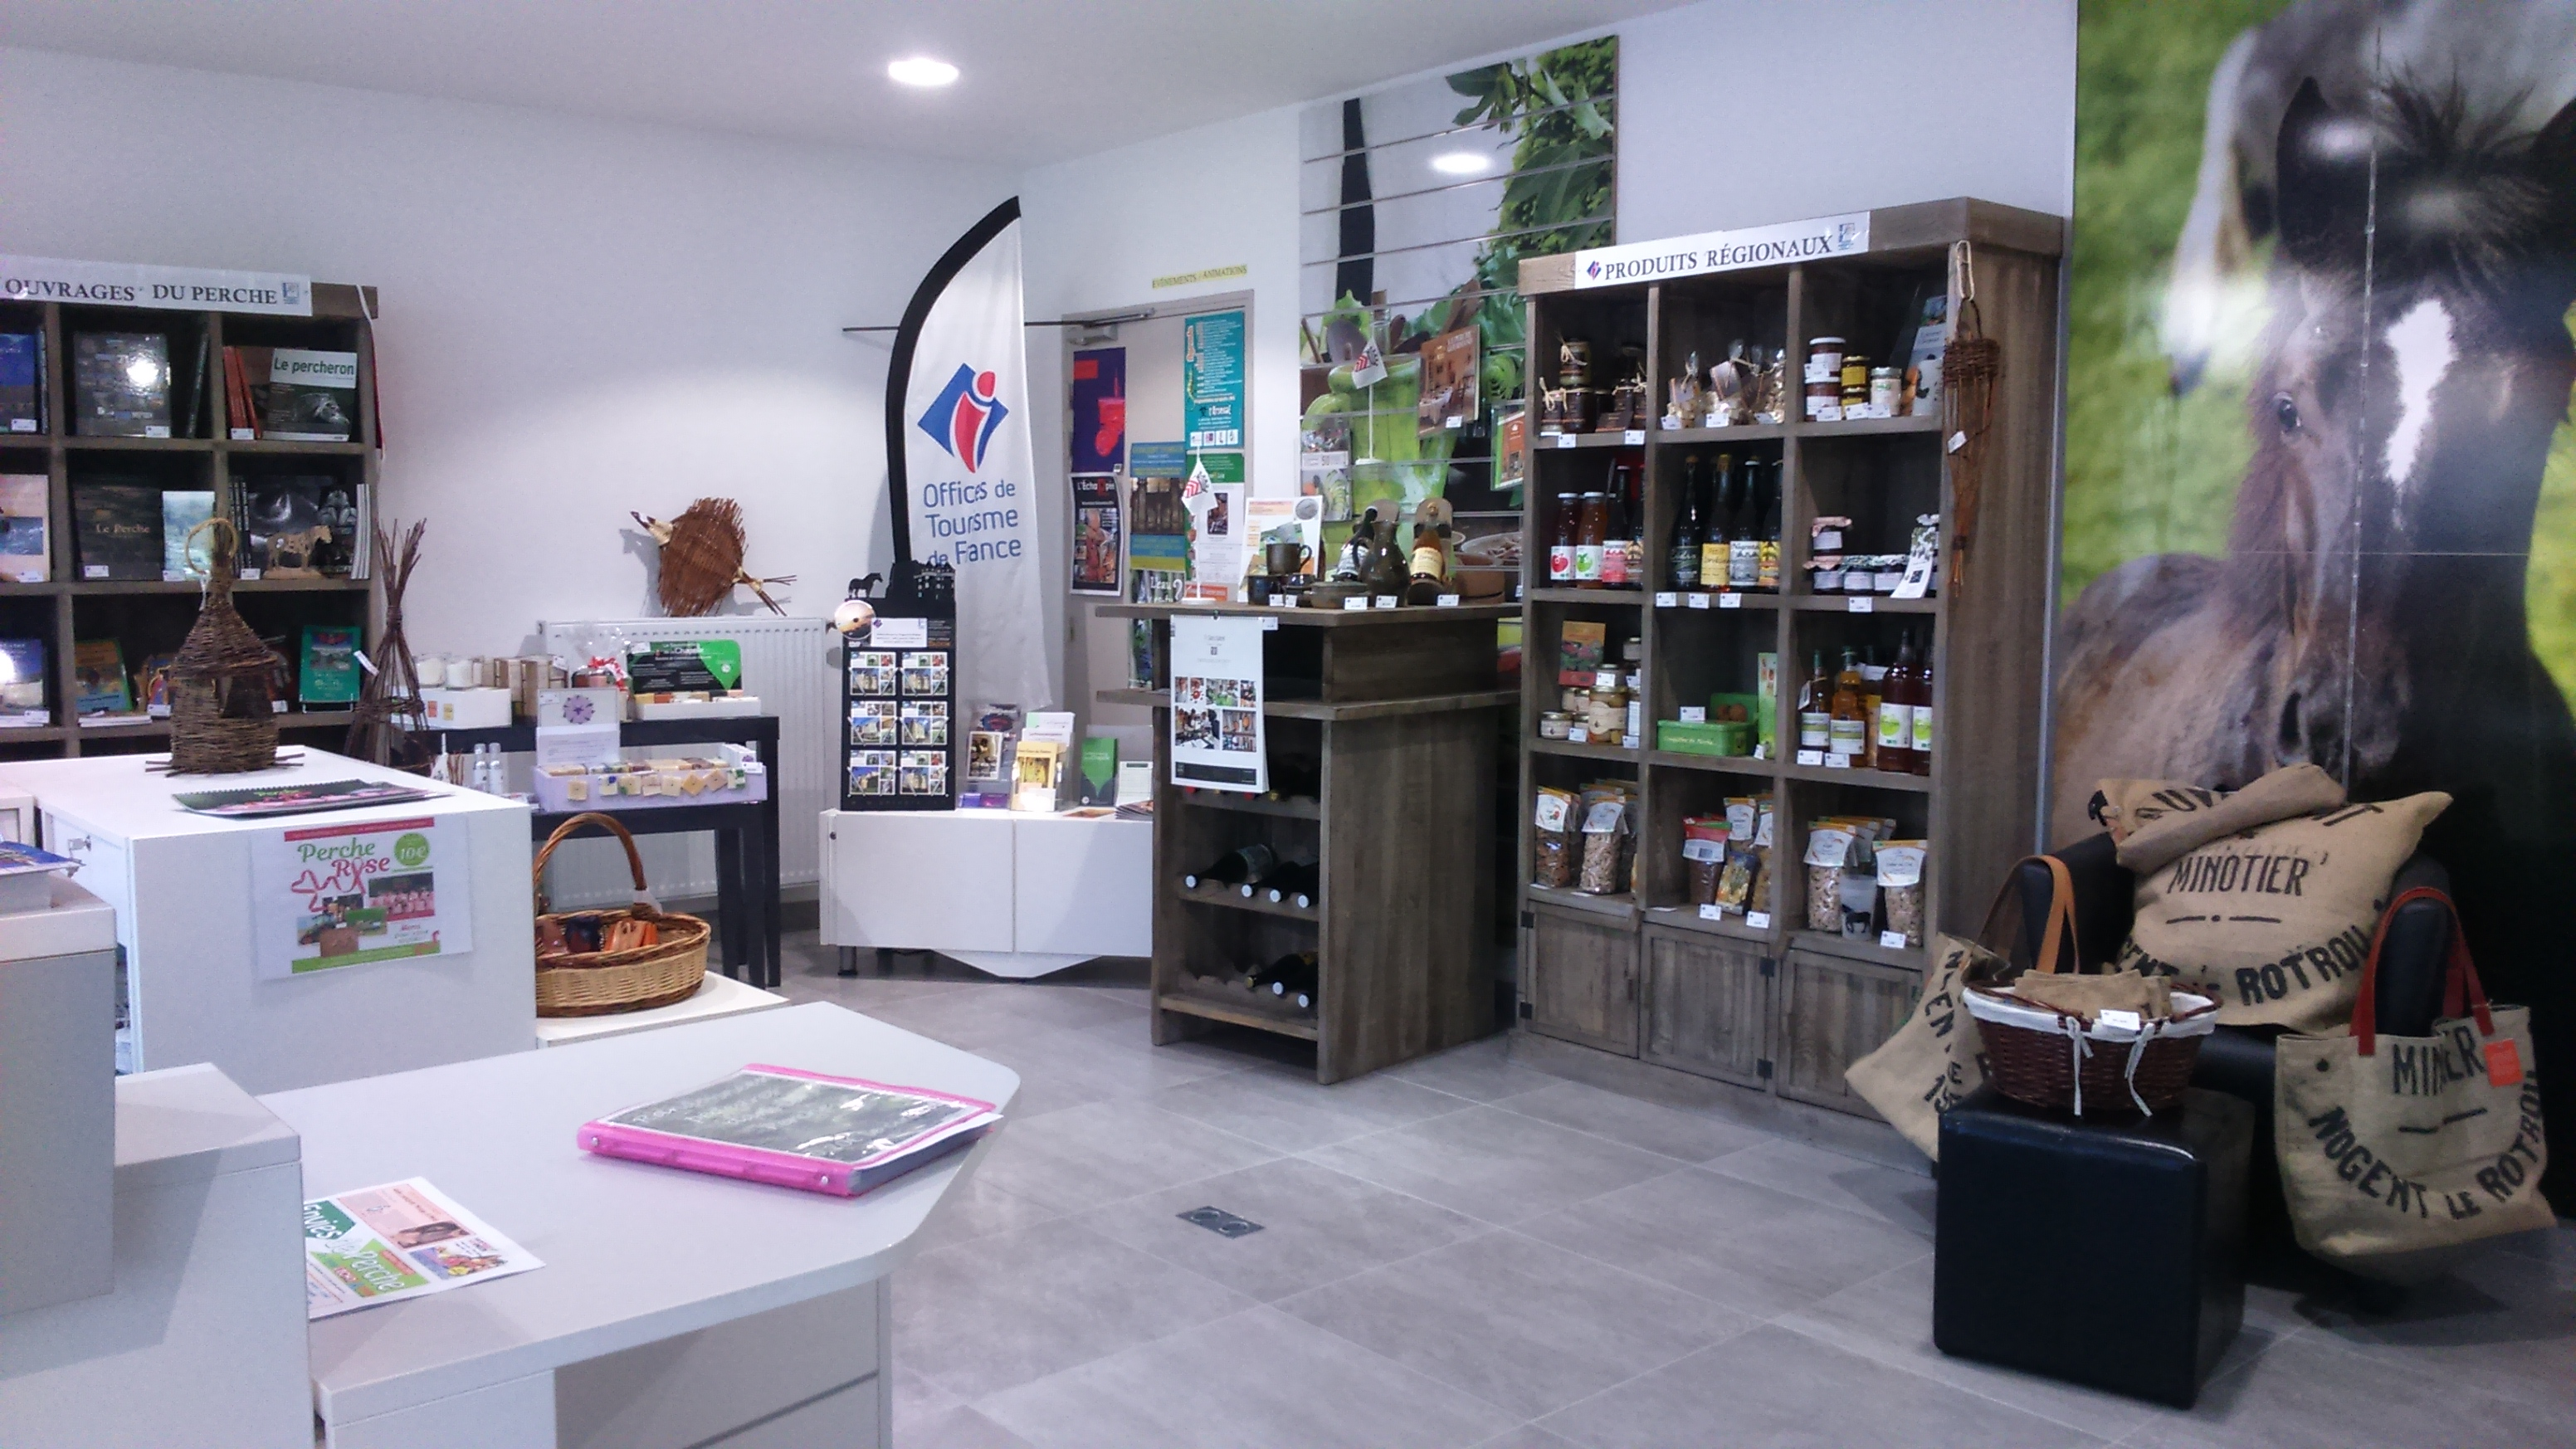 Office de Tourisme du Perche - Boutique de l'office de tourisme